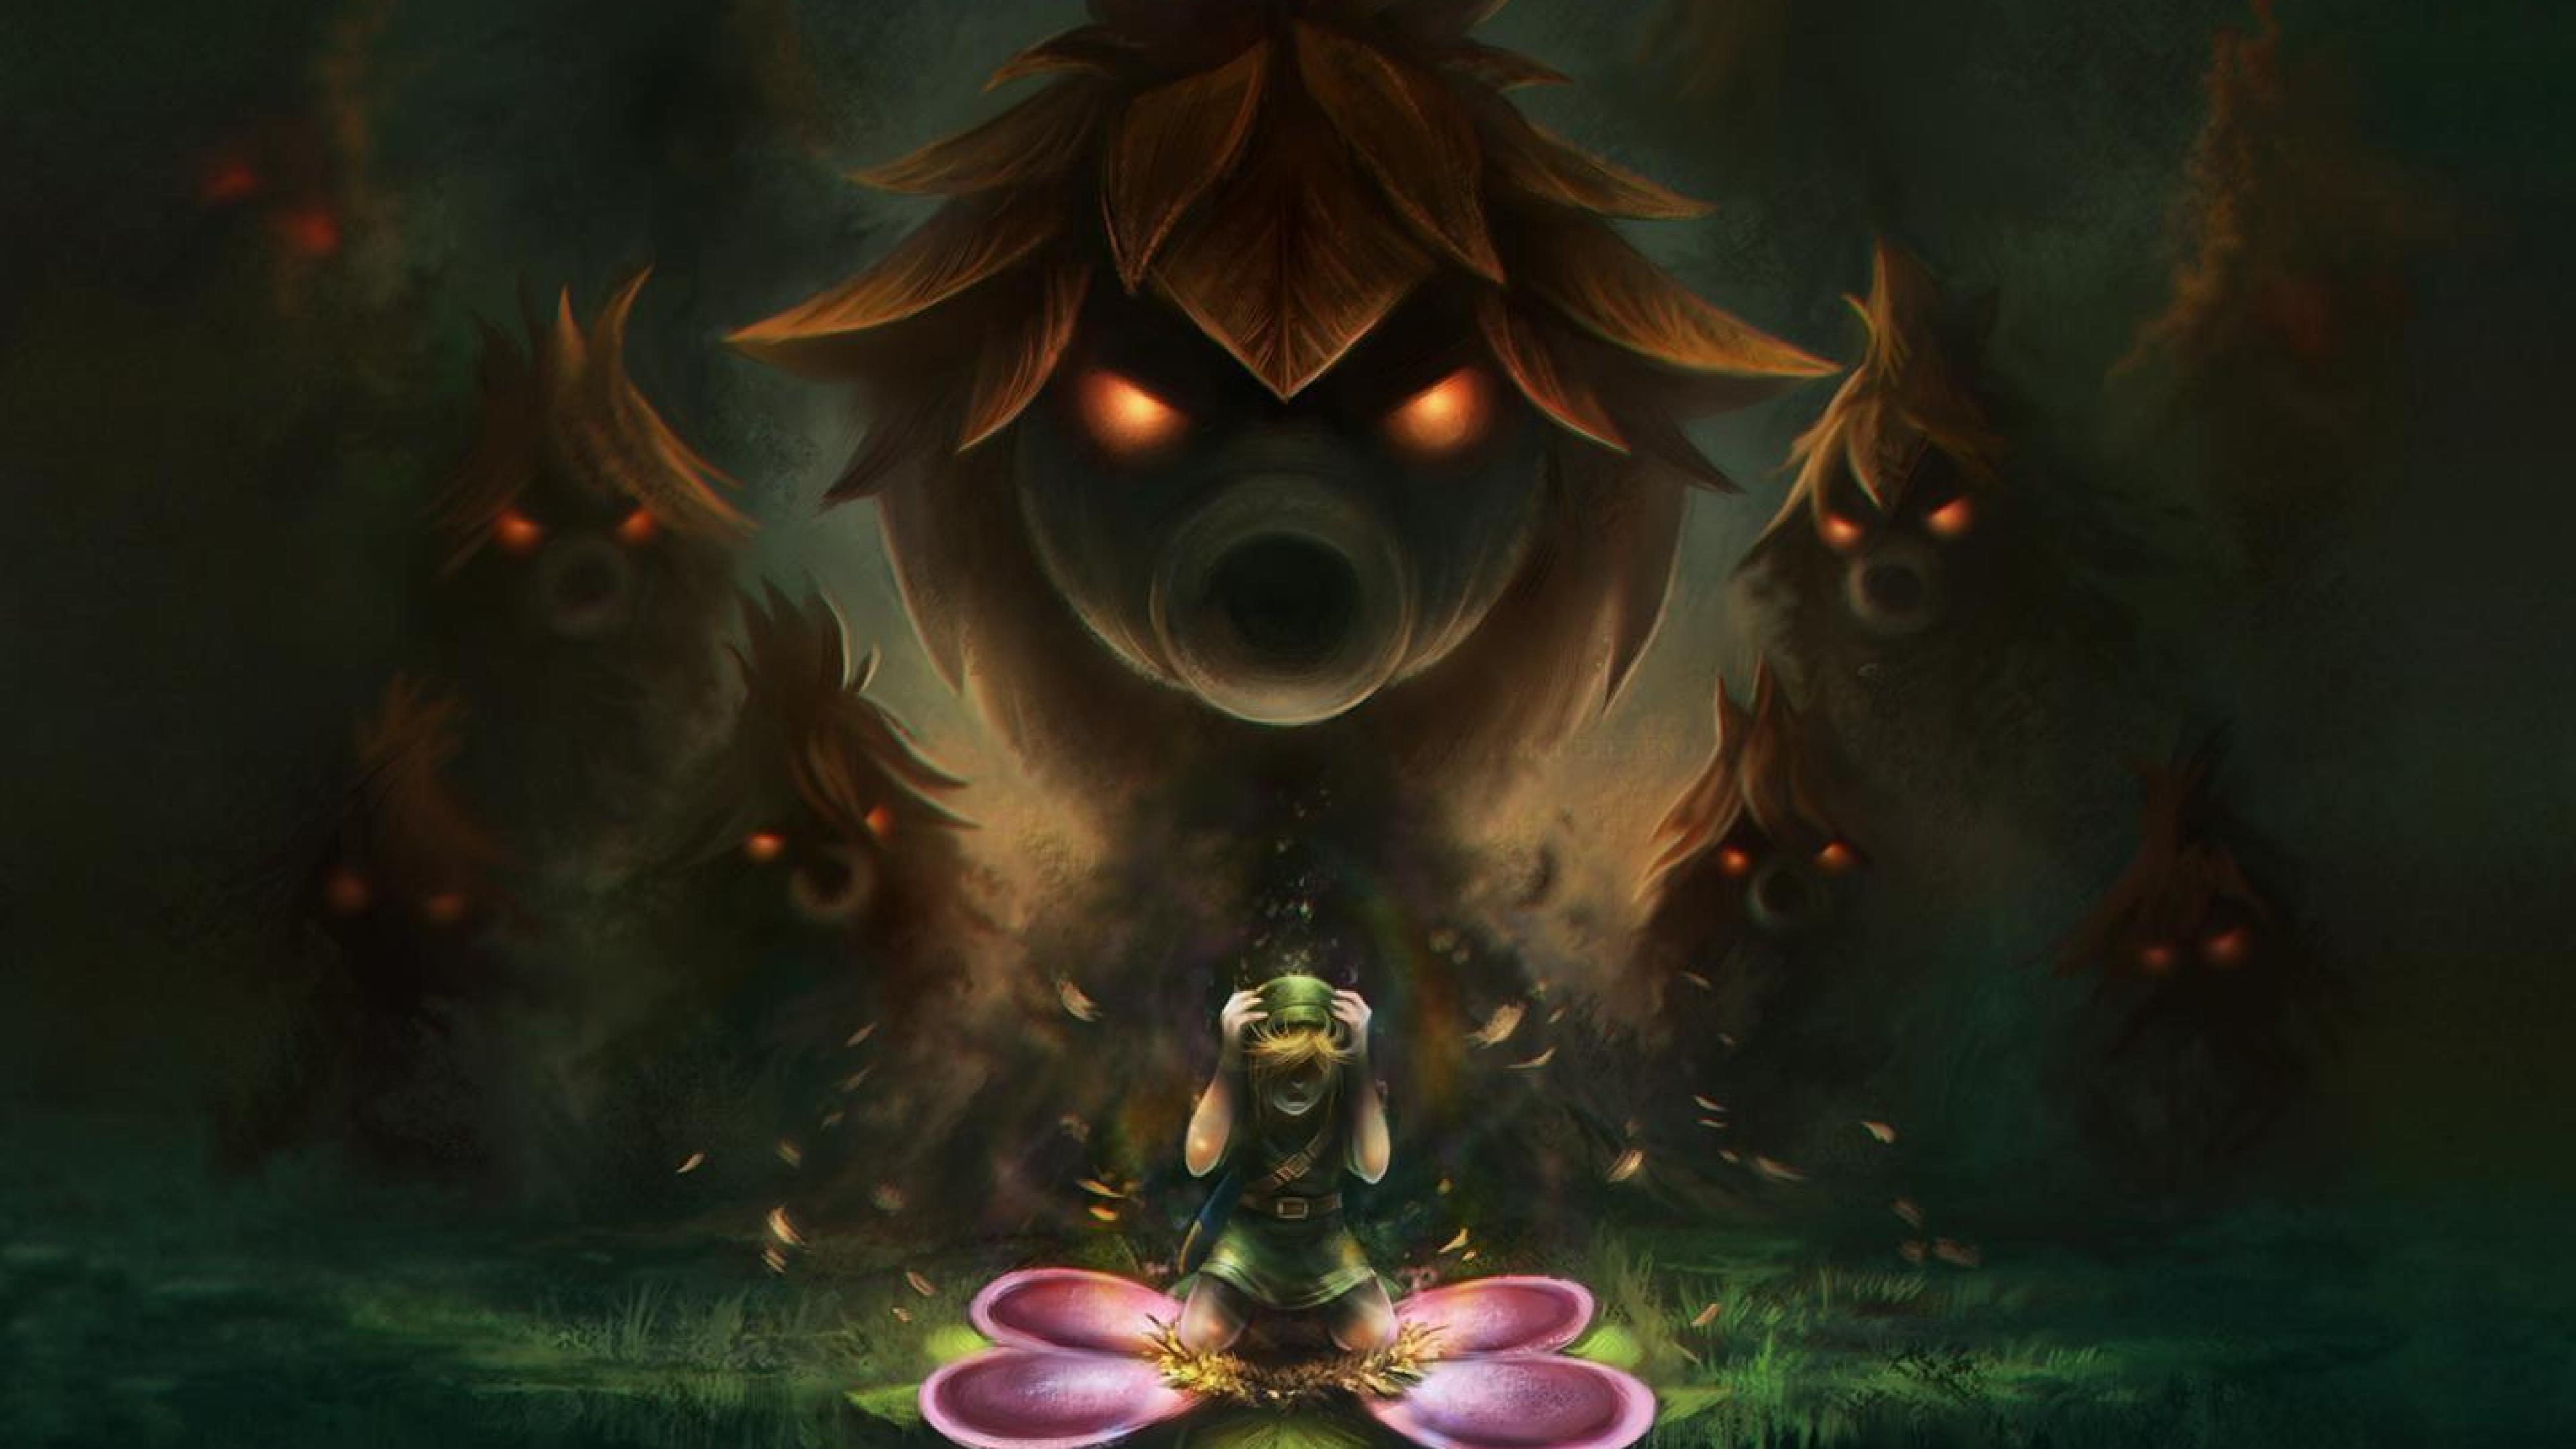 Amazing Wallpaper Halloween Zelda - 564070  Trends_975296.jpg